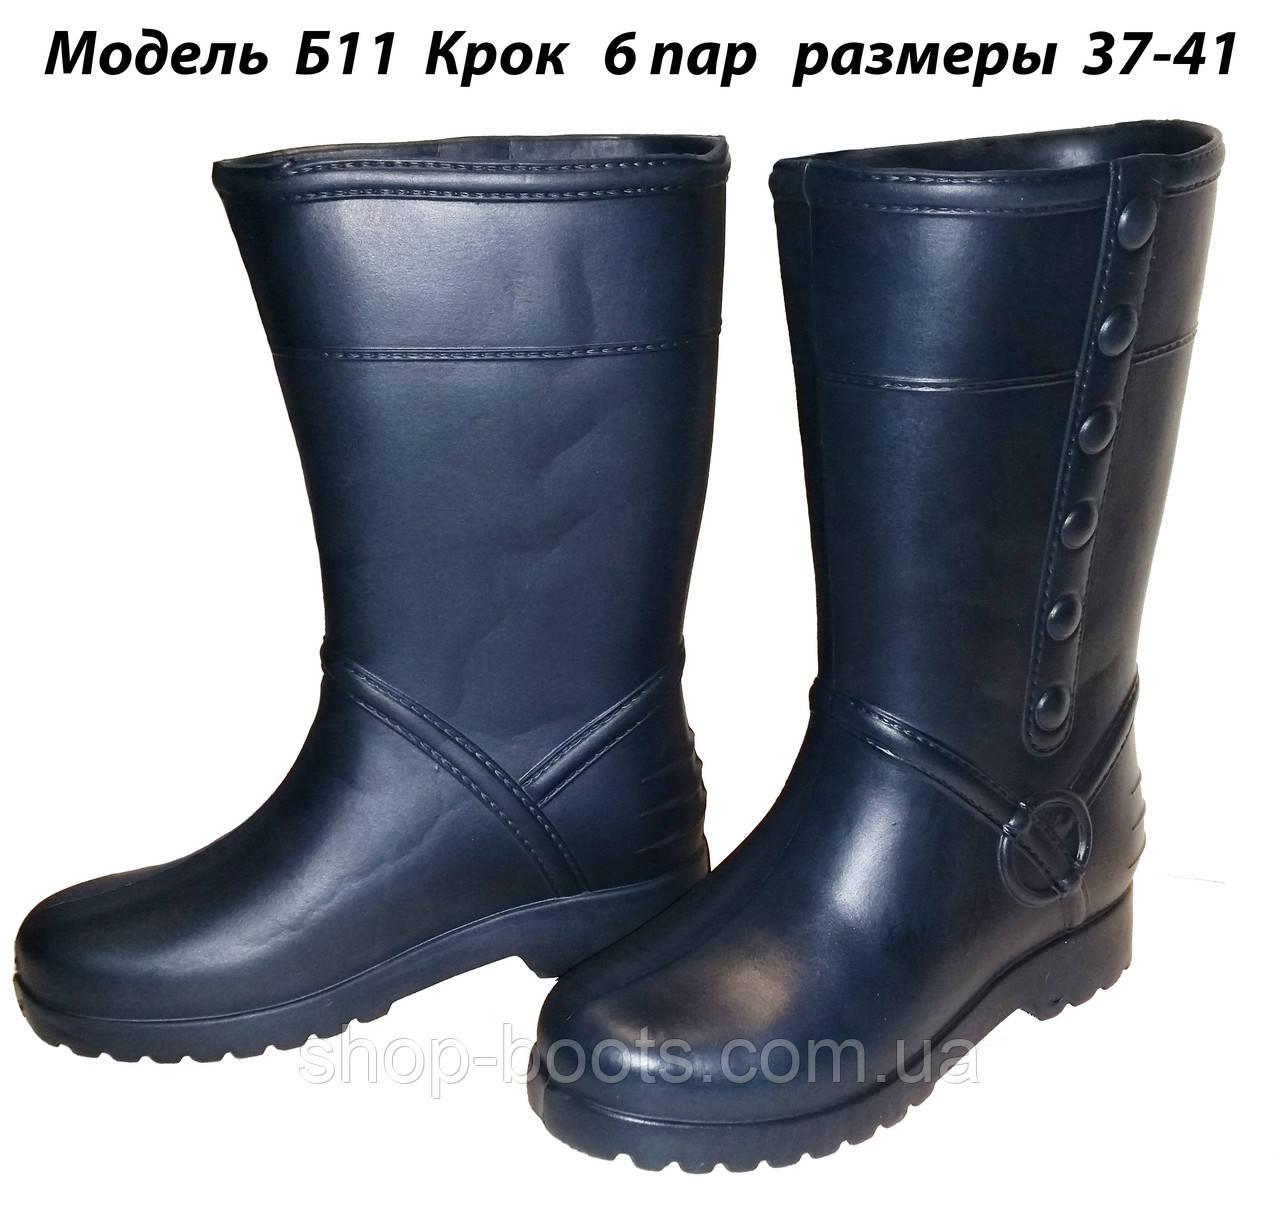 Женские сапоги с пены оптом Крок. 37-41рр. Модель Крок  Б11